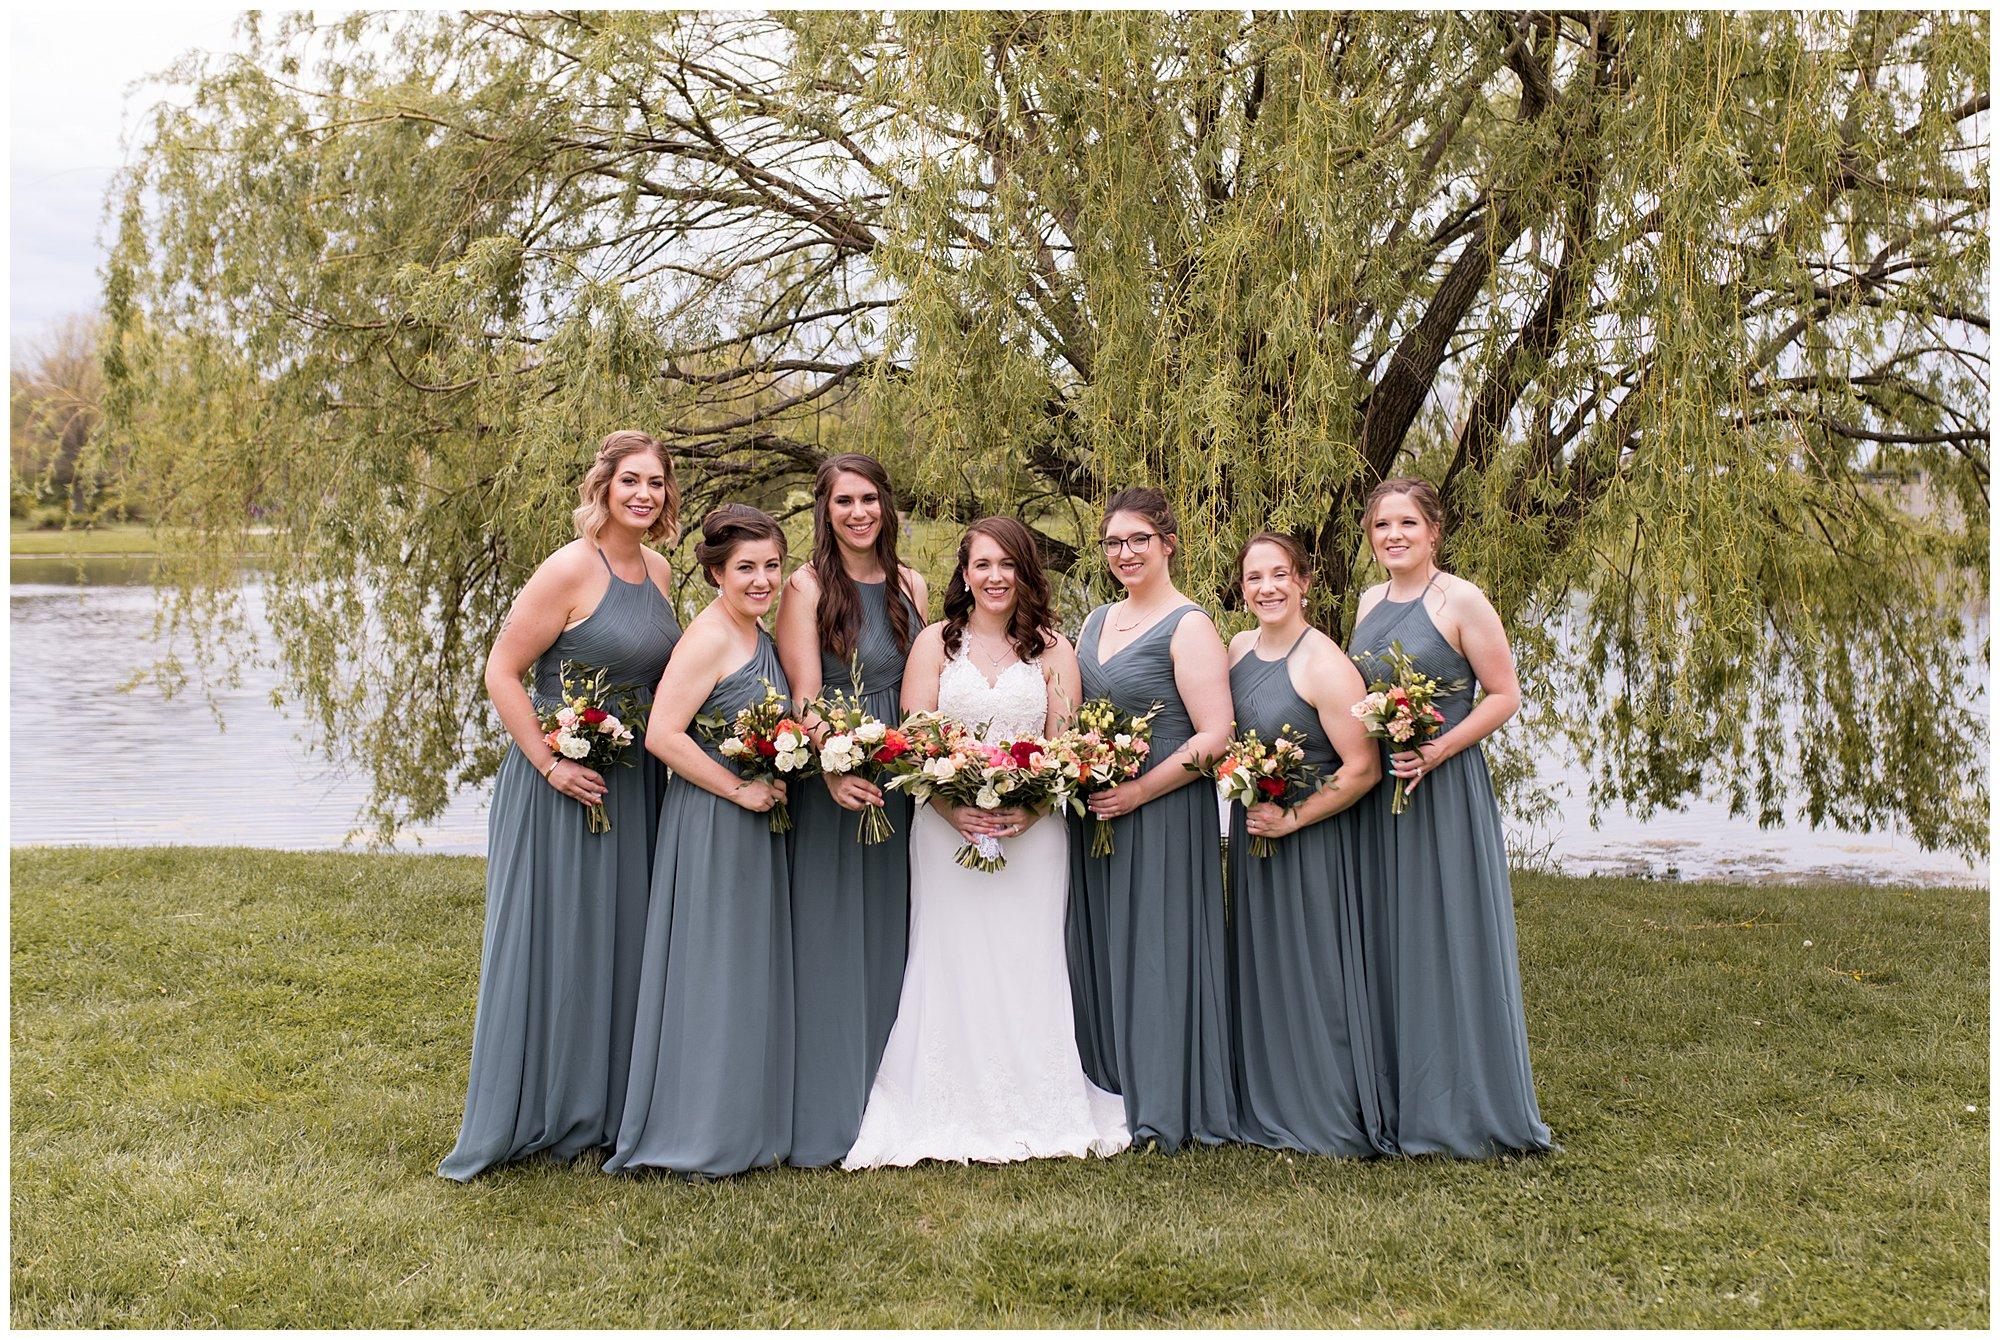 Coxhall Gardens wedding party photos